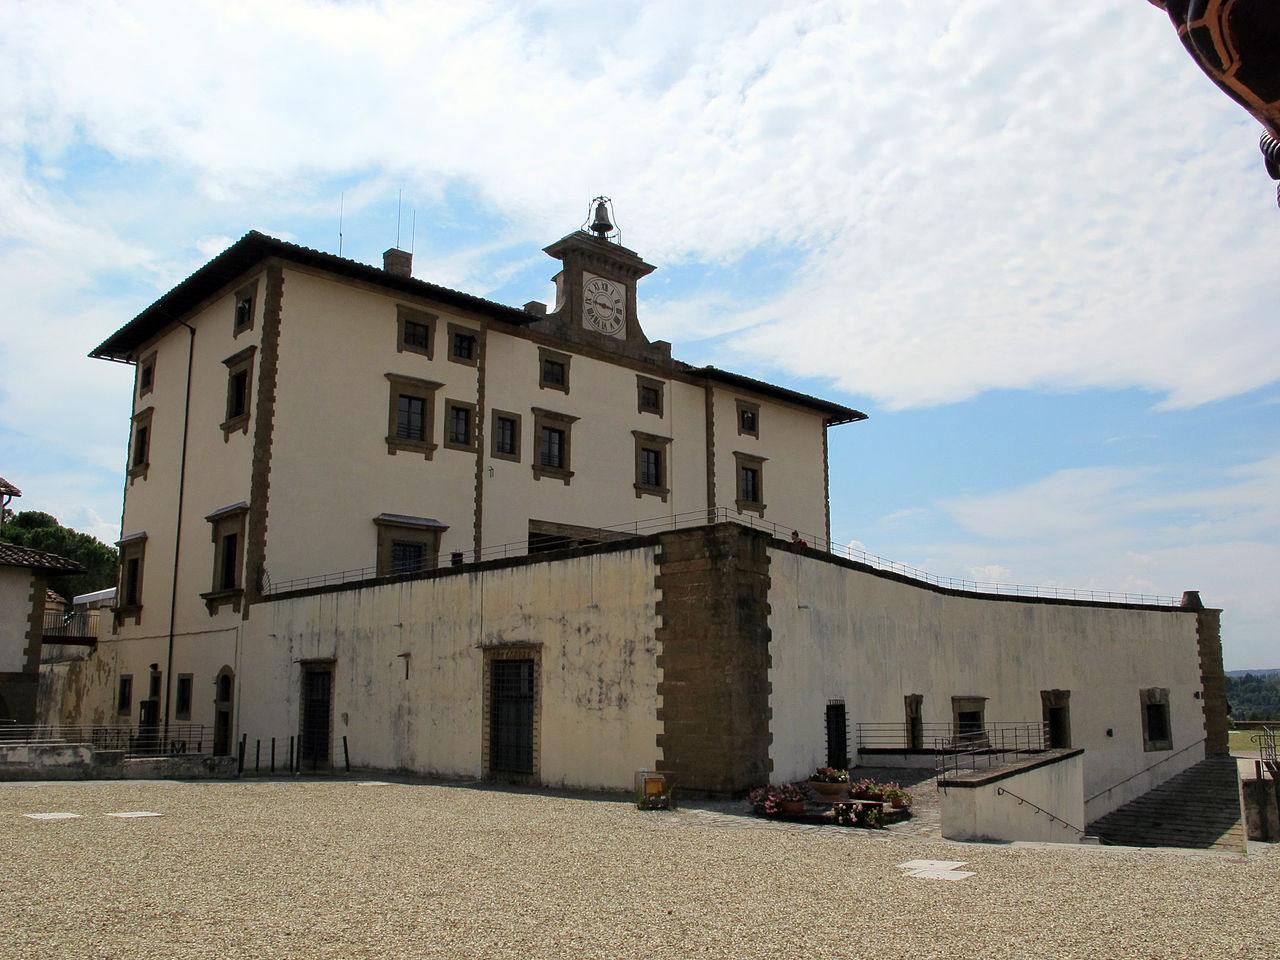 Firenze, Palazzina, l'edificio principale di Forte Belvedere